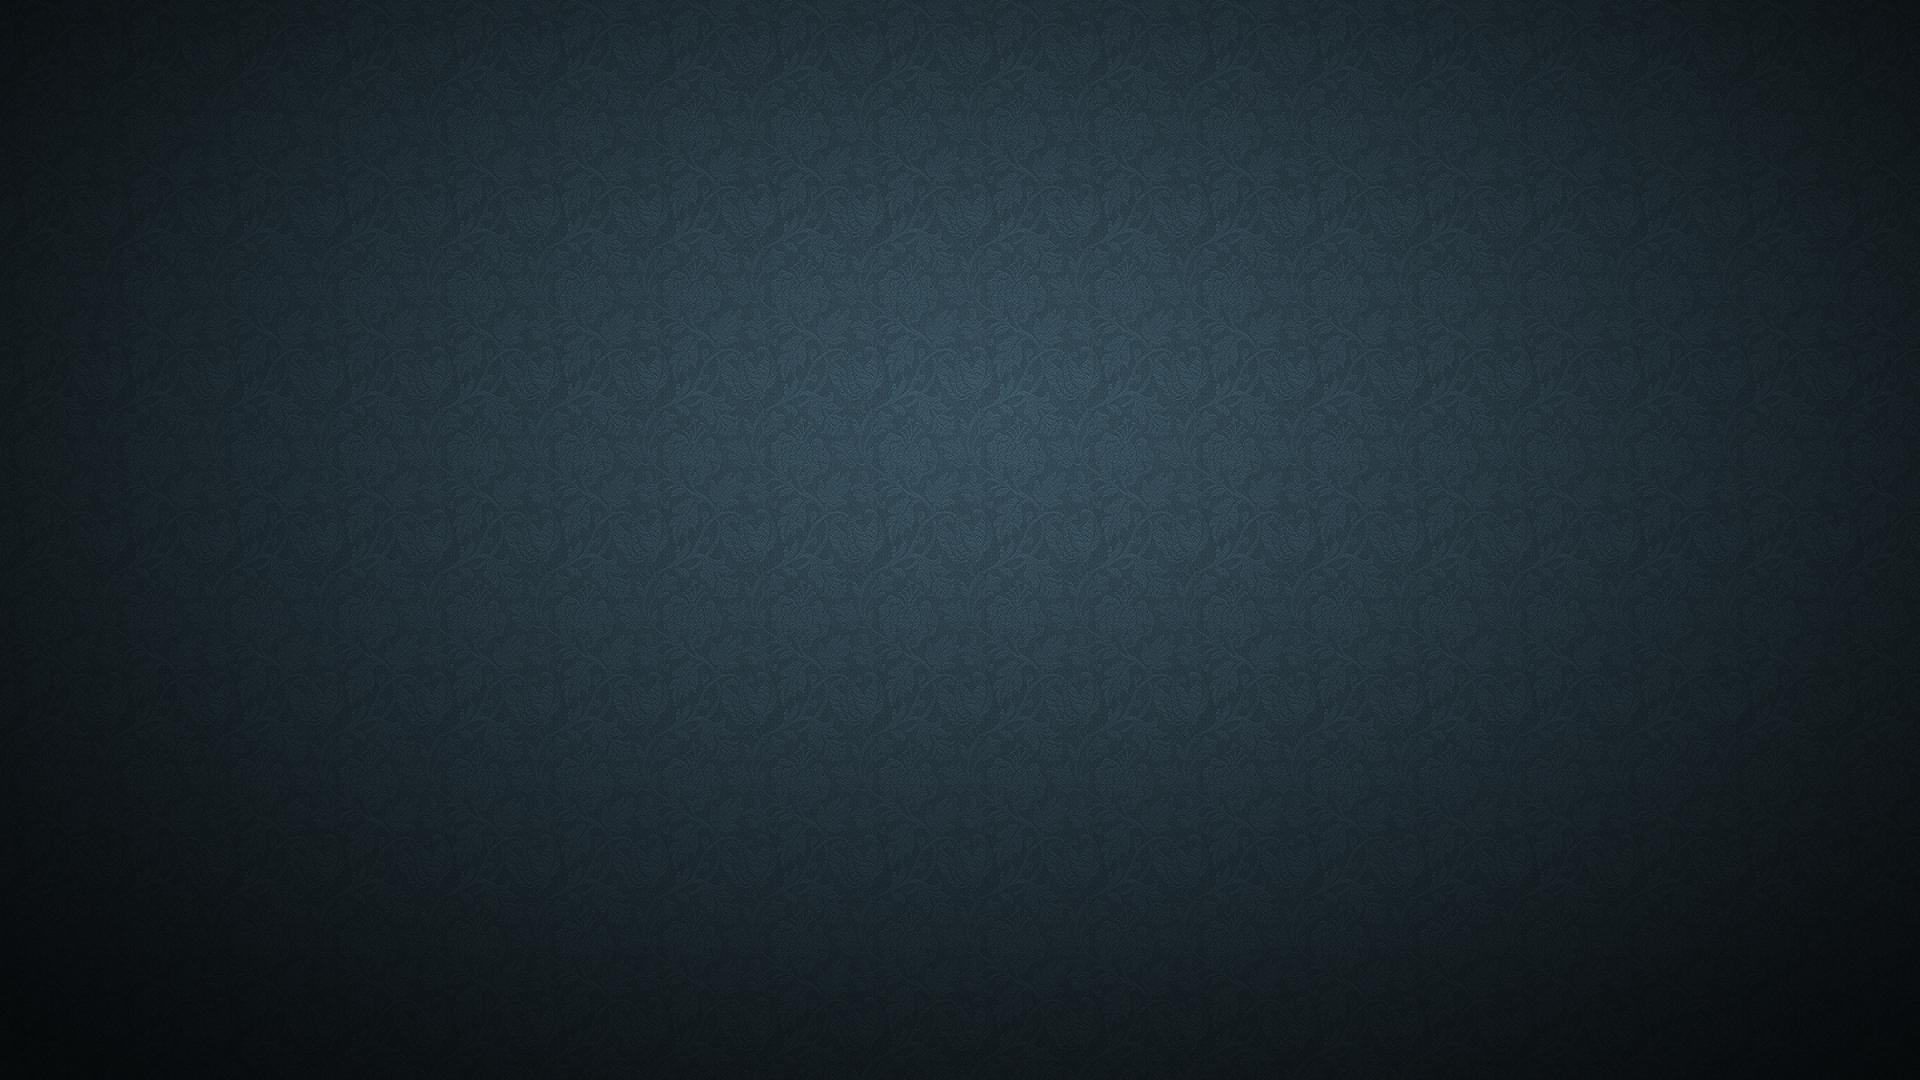 Download minimal pattern wallpaper HD wallpaper 1920x1080